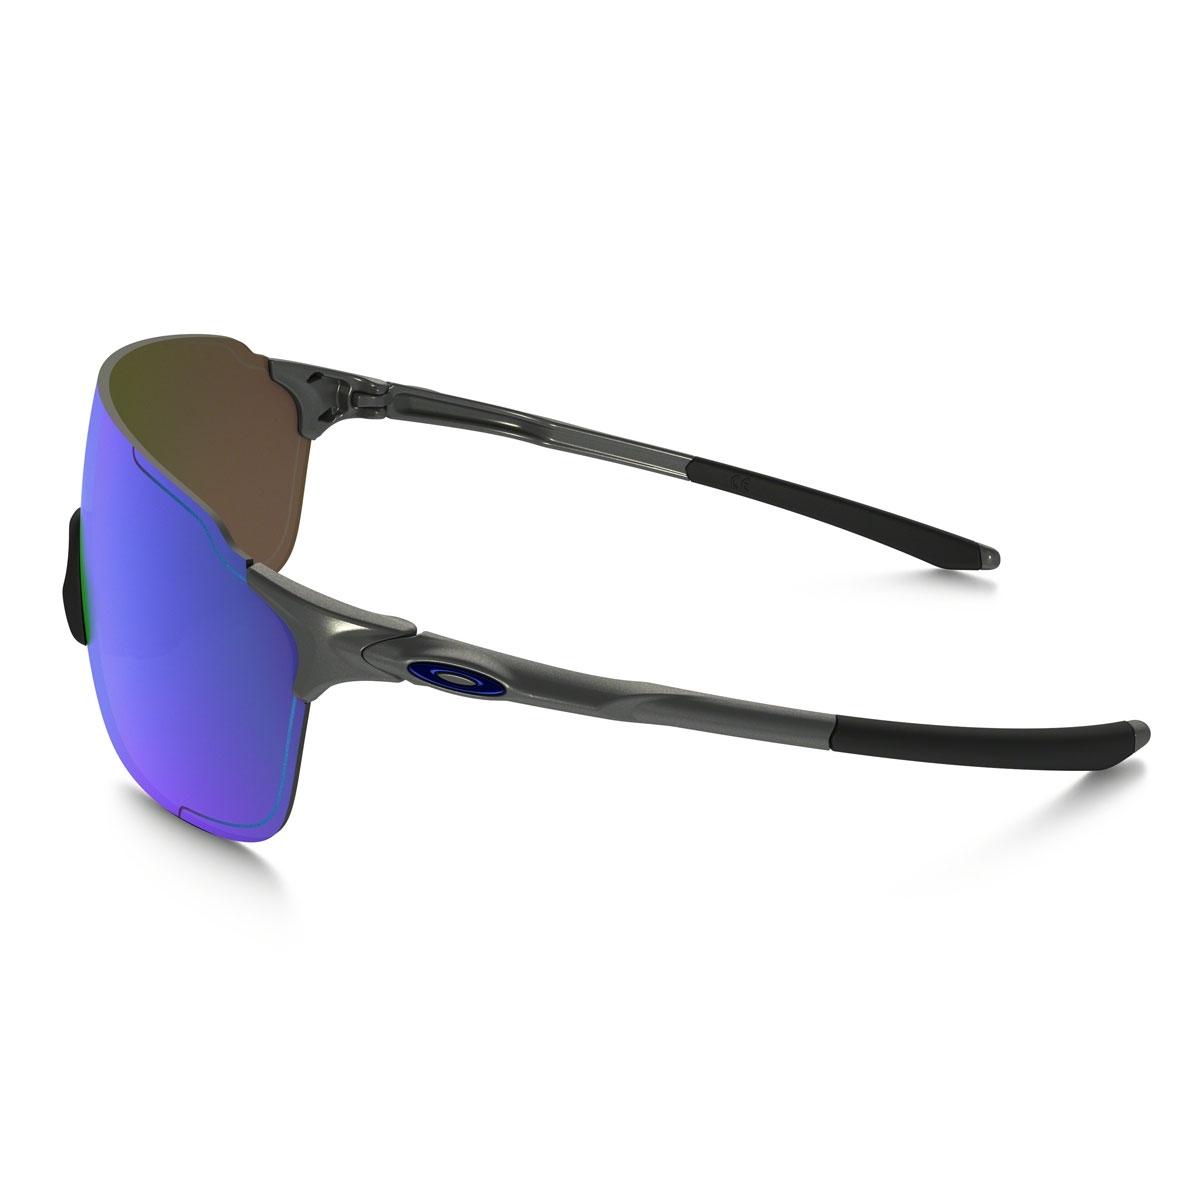 2f0f7a90a92 Oakley Sunglasses Evzero Stride